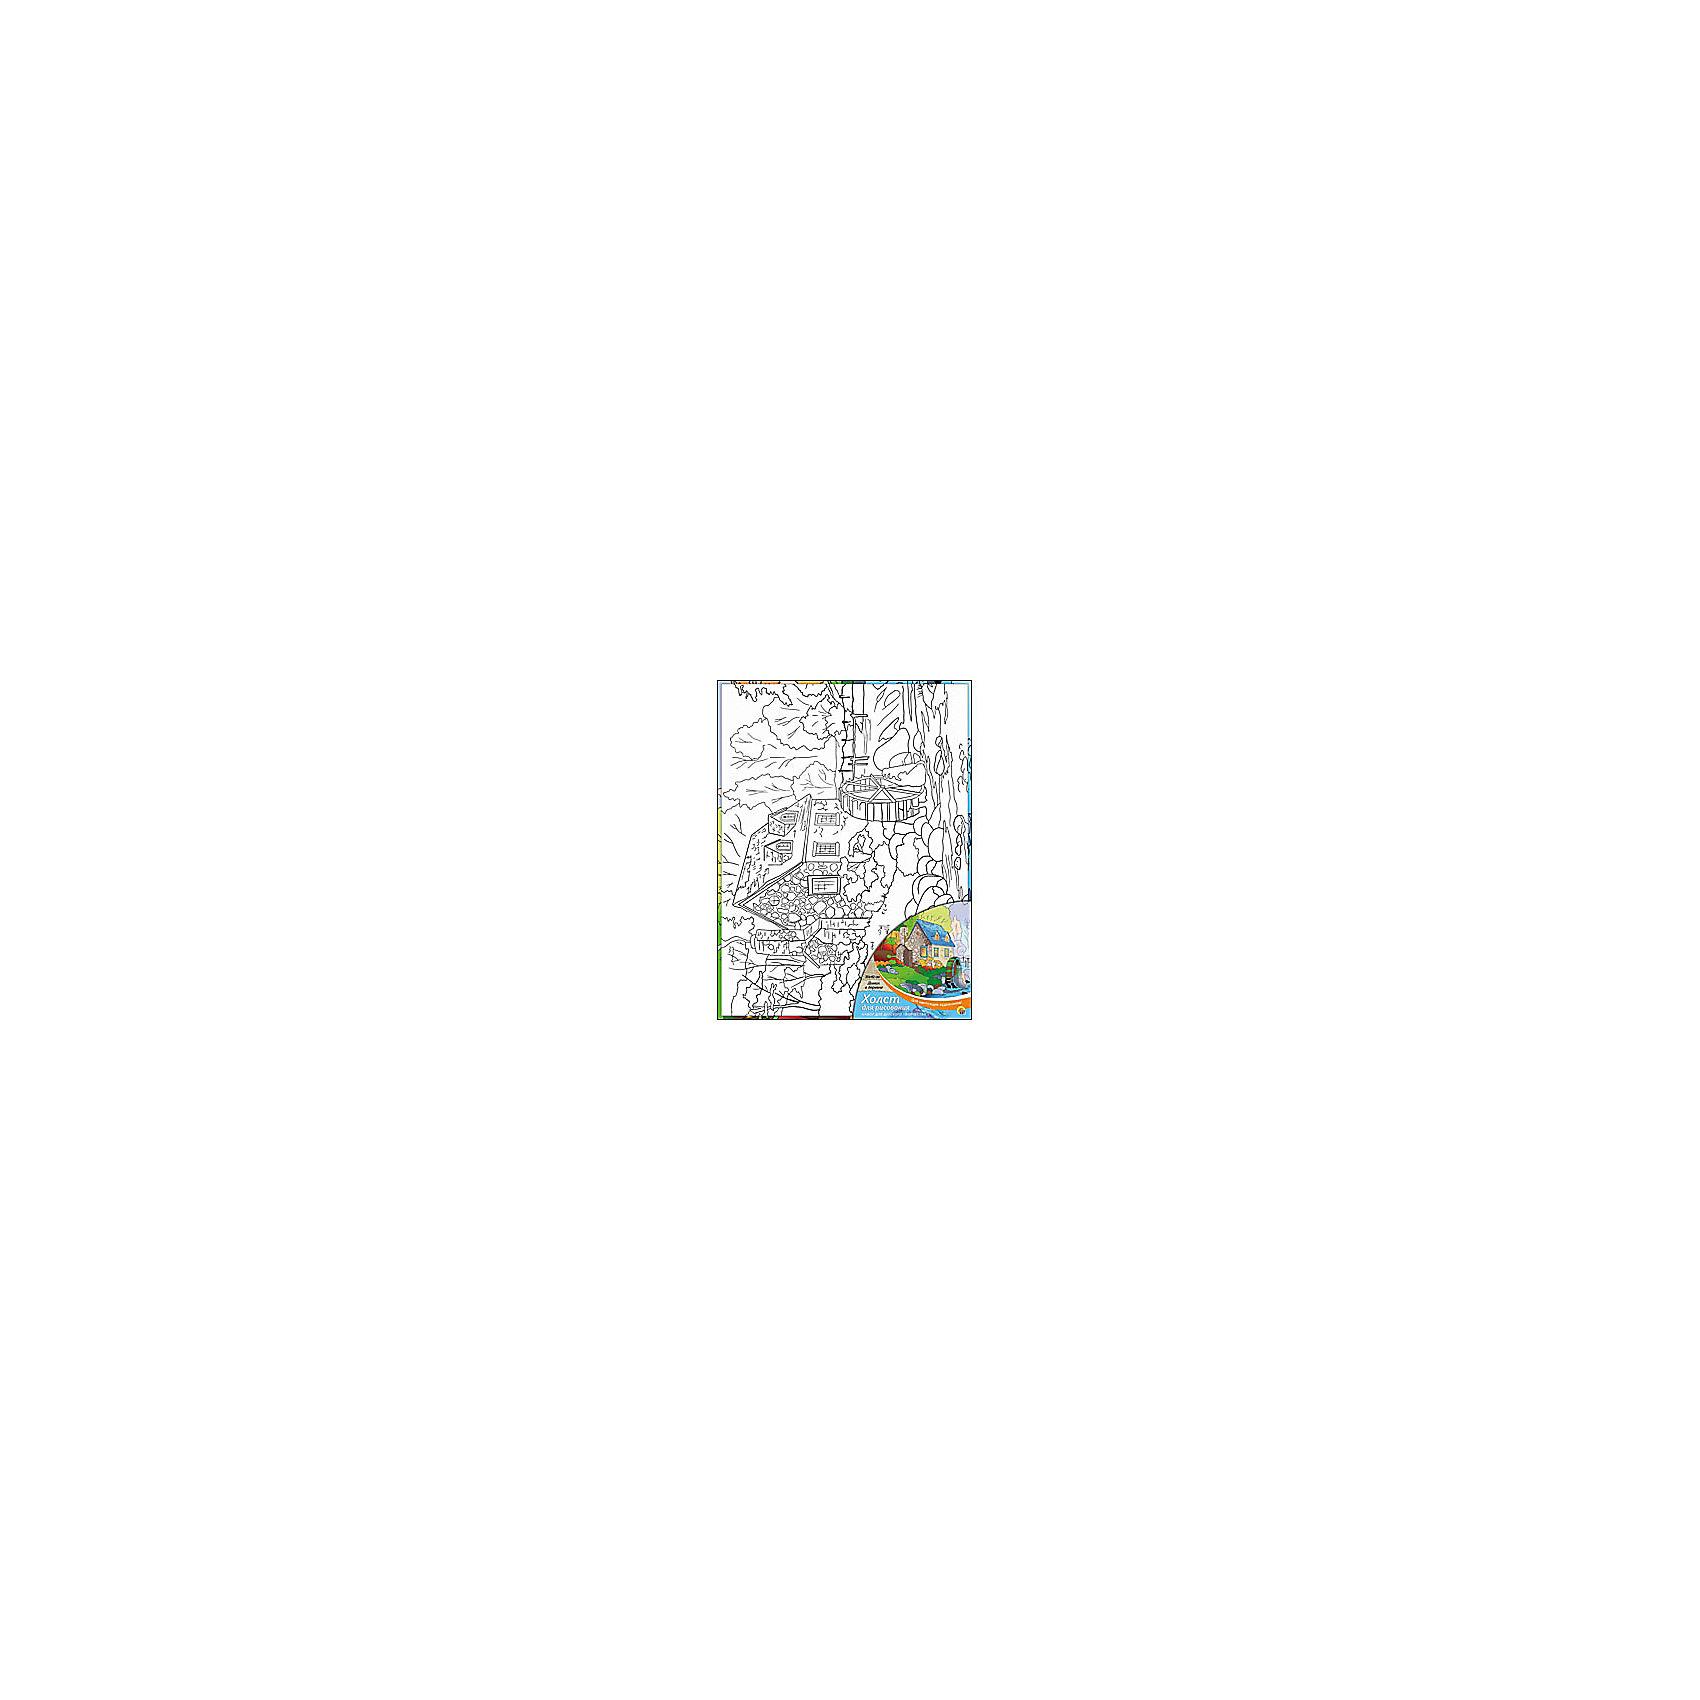 Холст с красками Домик в деревне, 30х40 смРаскраски по номерам<br>Для любителей творчества прекрасно подойдет набор Домик в деревне. Ребенок раскрасит нанесенный на холст эскиз яркими акриловыми красками. Такое творчество поможет развить аккуратность, усидчивость и художественные навыки. Готовую картину можно подарить друзьям или оставить для украшения своей комнаты.<br><br>Дополнительная информация:<br>В наборе: холст-эскиз, 16 акриловых красок, кисточка<br>Размер: 30х1,5х40 см<br>Вес: 370 грамм<br>Вы можете приобрести холст с красками Домик в деревне в нашем интернет-магазине.<br><br>Ширина мм: 400<br>Глубина мм: 15<br>Высота мм: 300<br>Вес г: 370<br>Возраст от месяцев: 36<br>Возраст до месяцев: 120<br>Пол: Унисекс<br>Возраст: Детский<br>SKU: 4939548